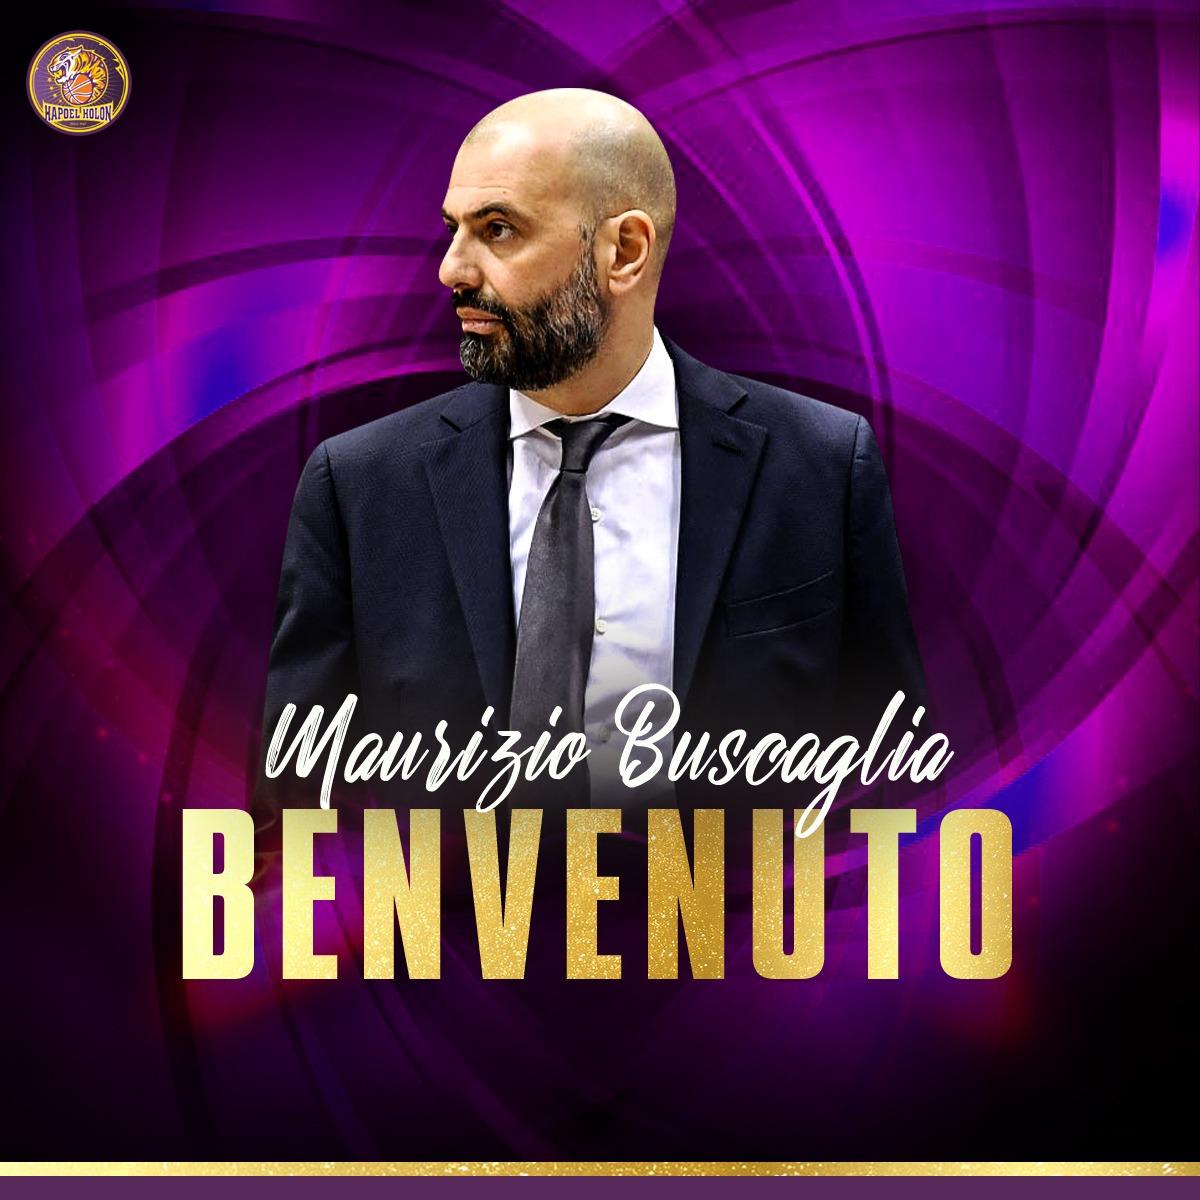 Ufficiale: Maurizio Buscaglia nuovo allenatore dell'Hapoel Holon